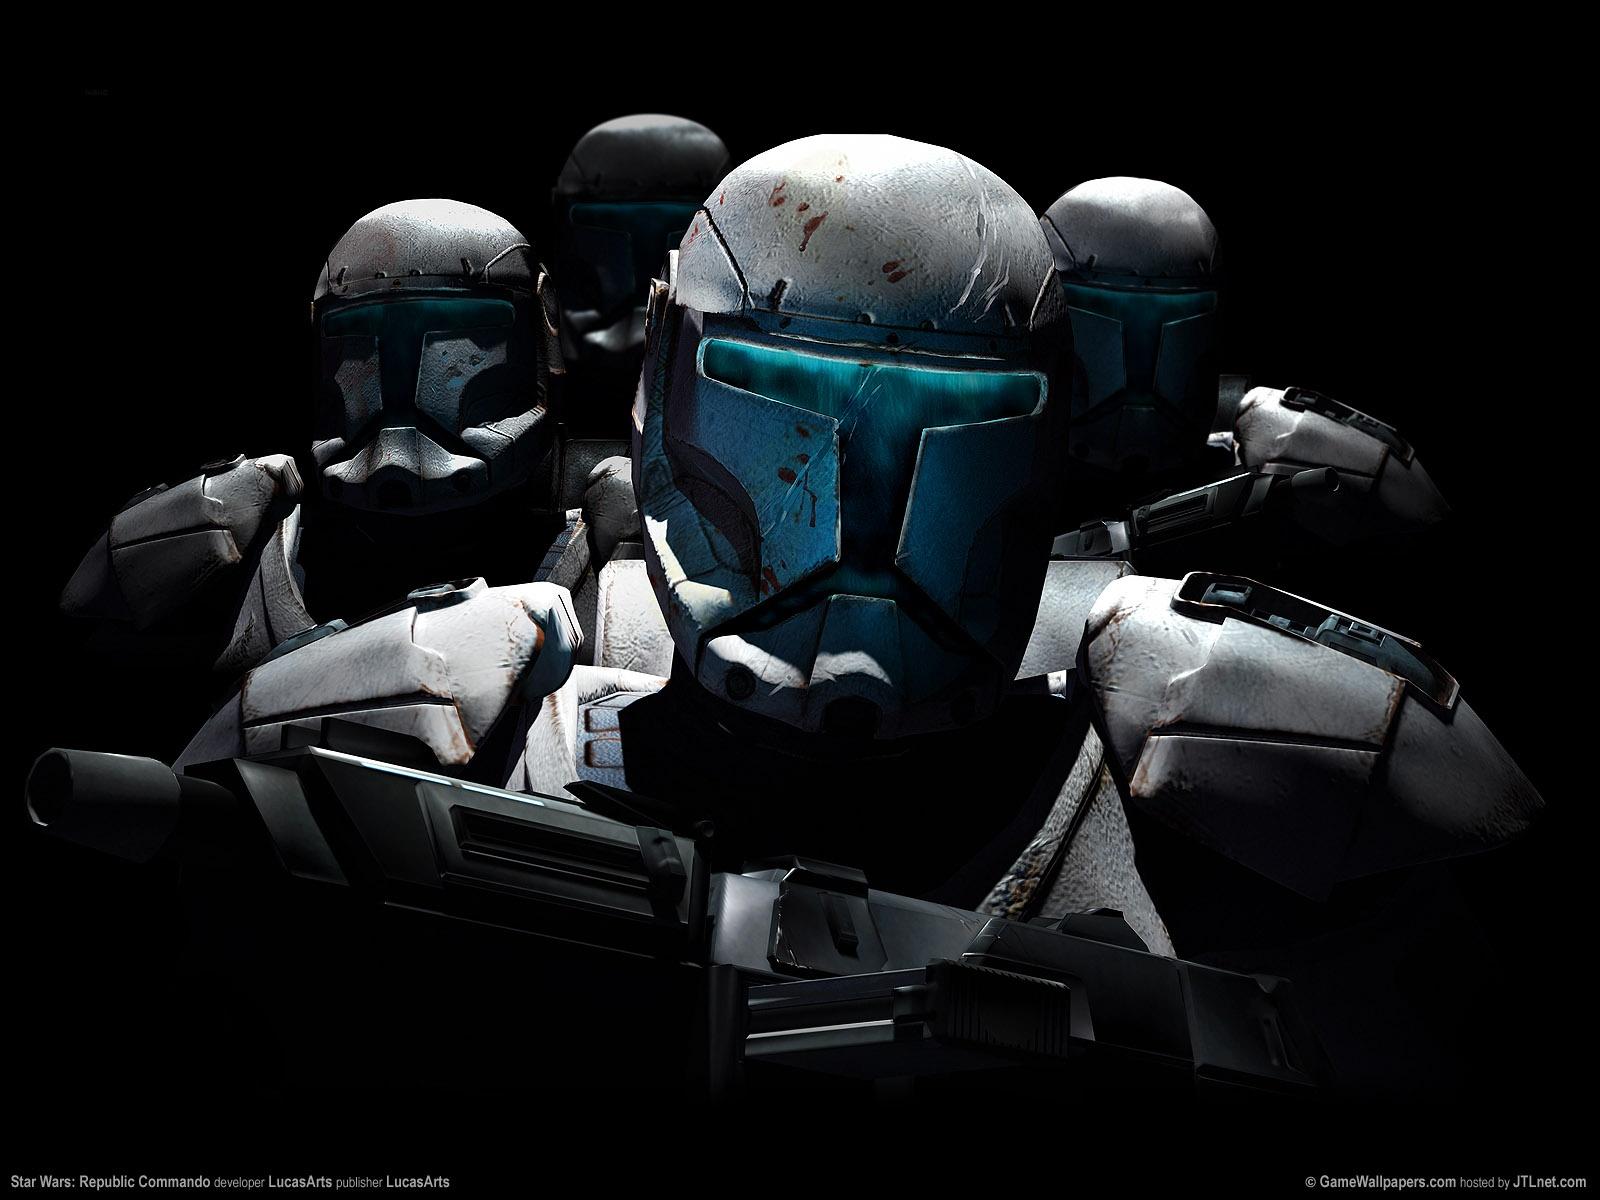 Star Wars fond d'écran